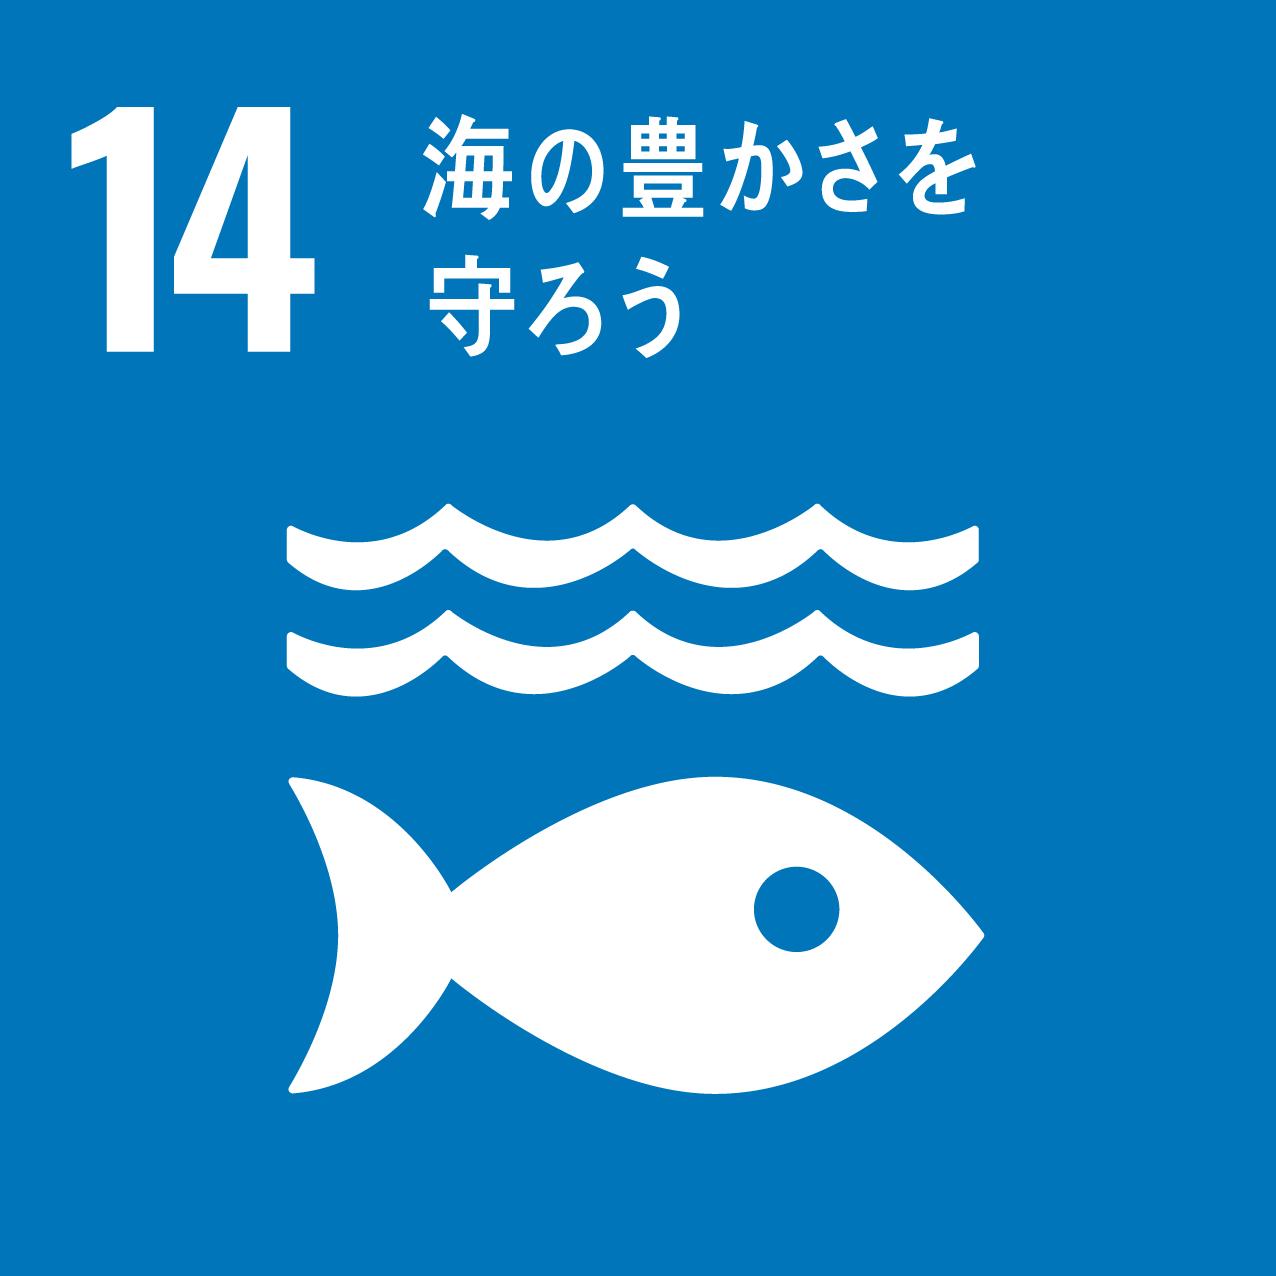 14,海の豊かさを守ろう